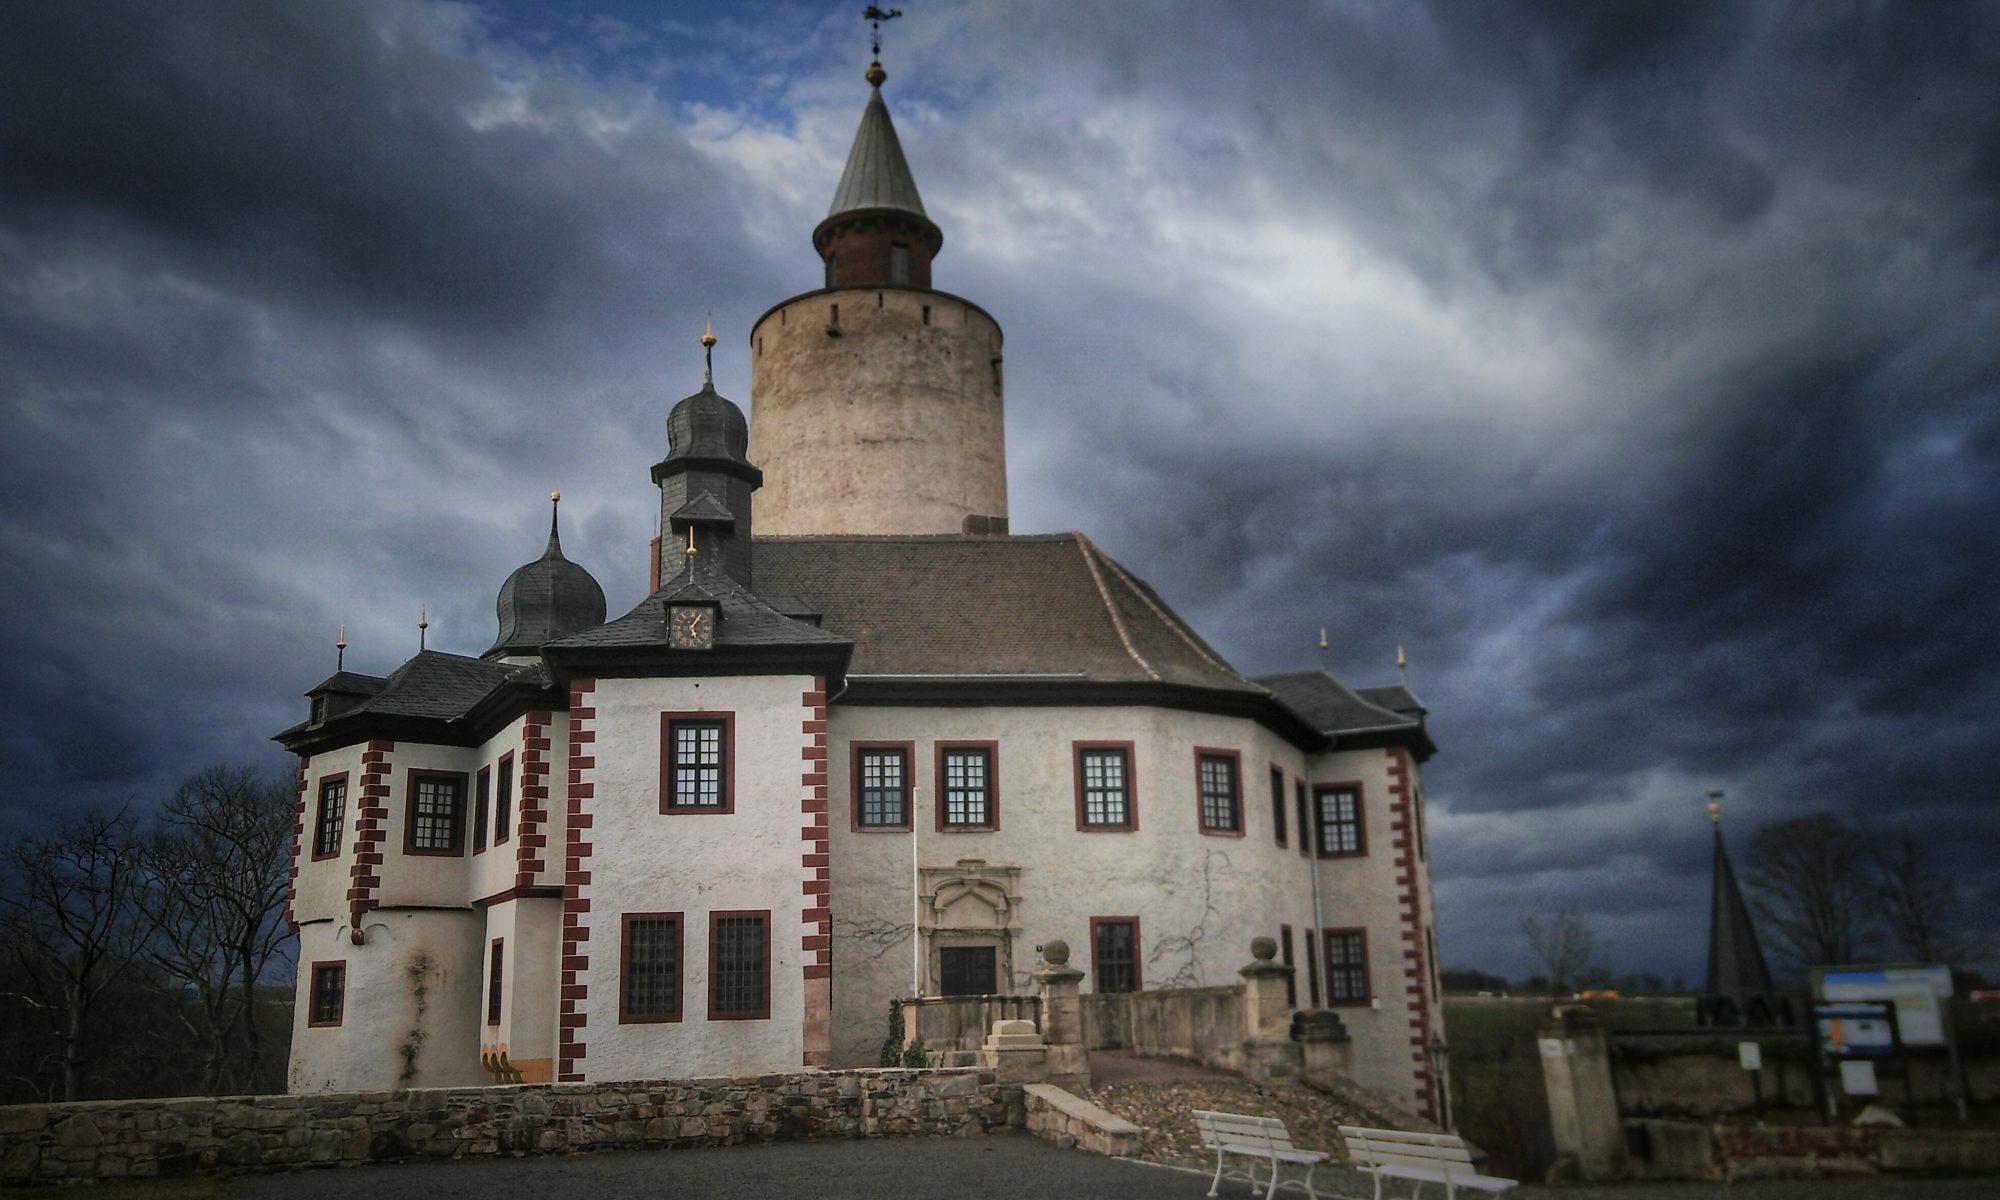 Blick auf das Museum Burg Posterstein im Frühjahr 2020